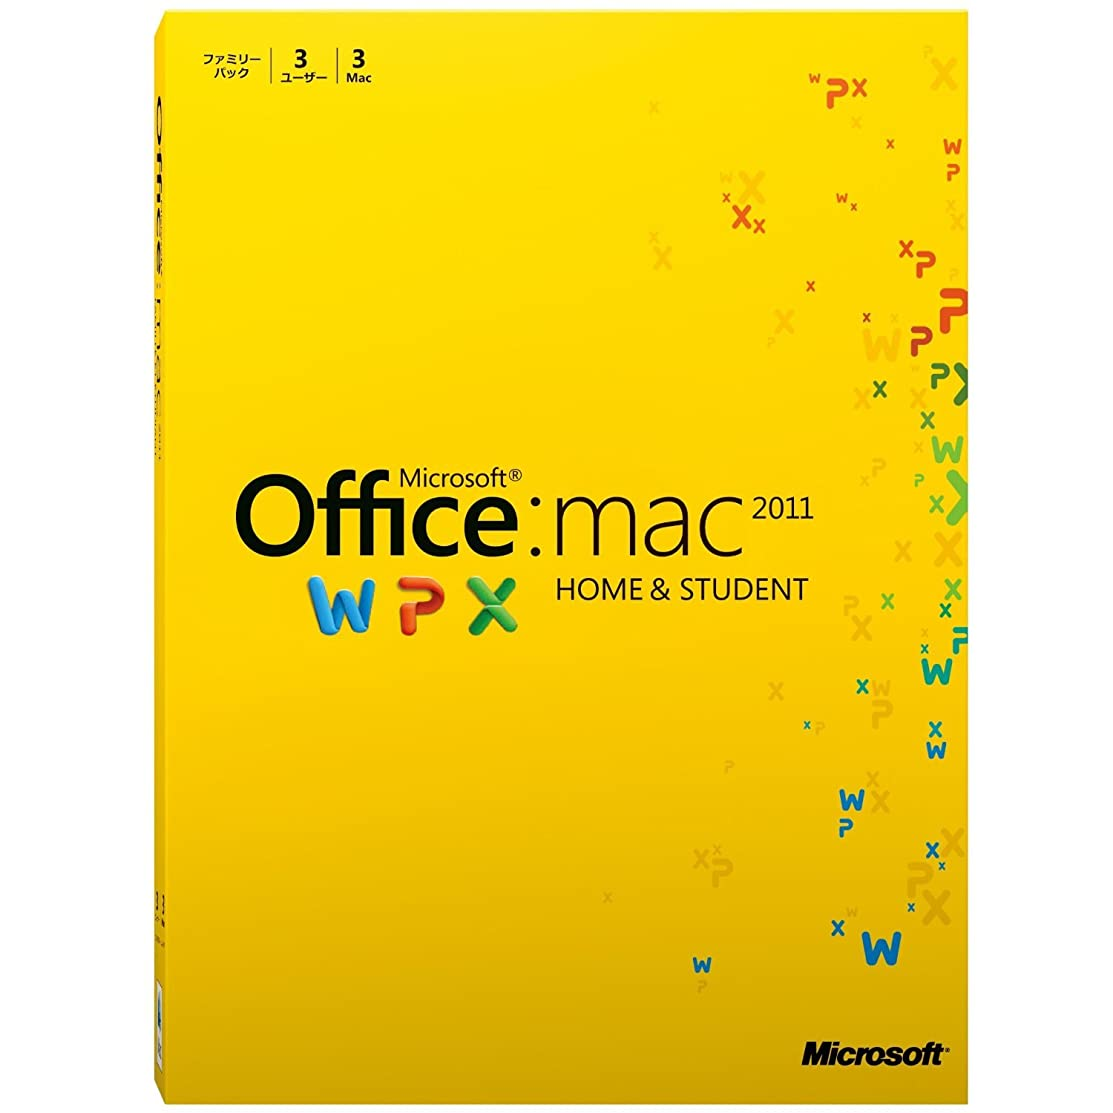 歯科の故障中謙虚な【旧商品】Microsoft Office for Mac Home and Student 2011 ファミリーパック [パッケージ] (PC3台/1ライセンス)